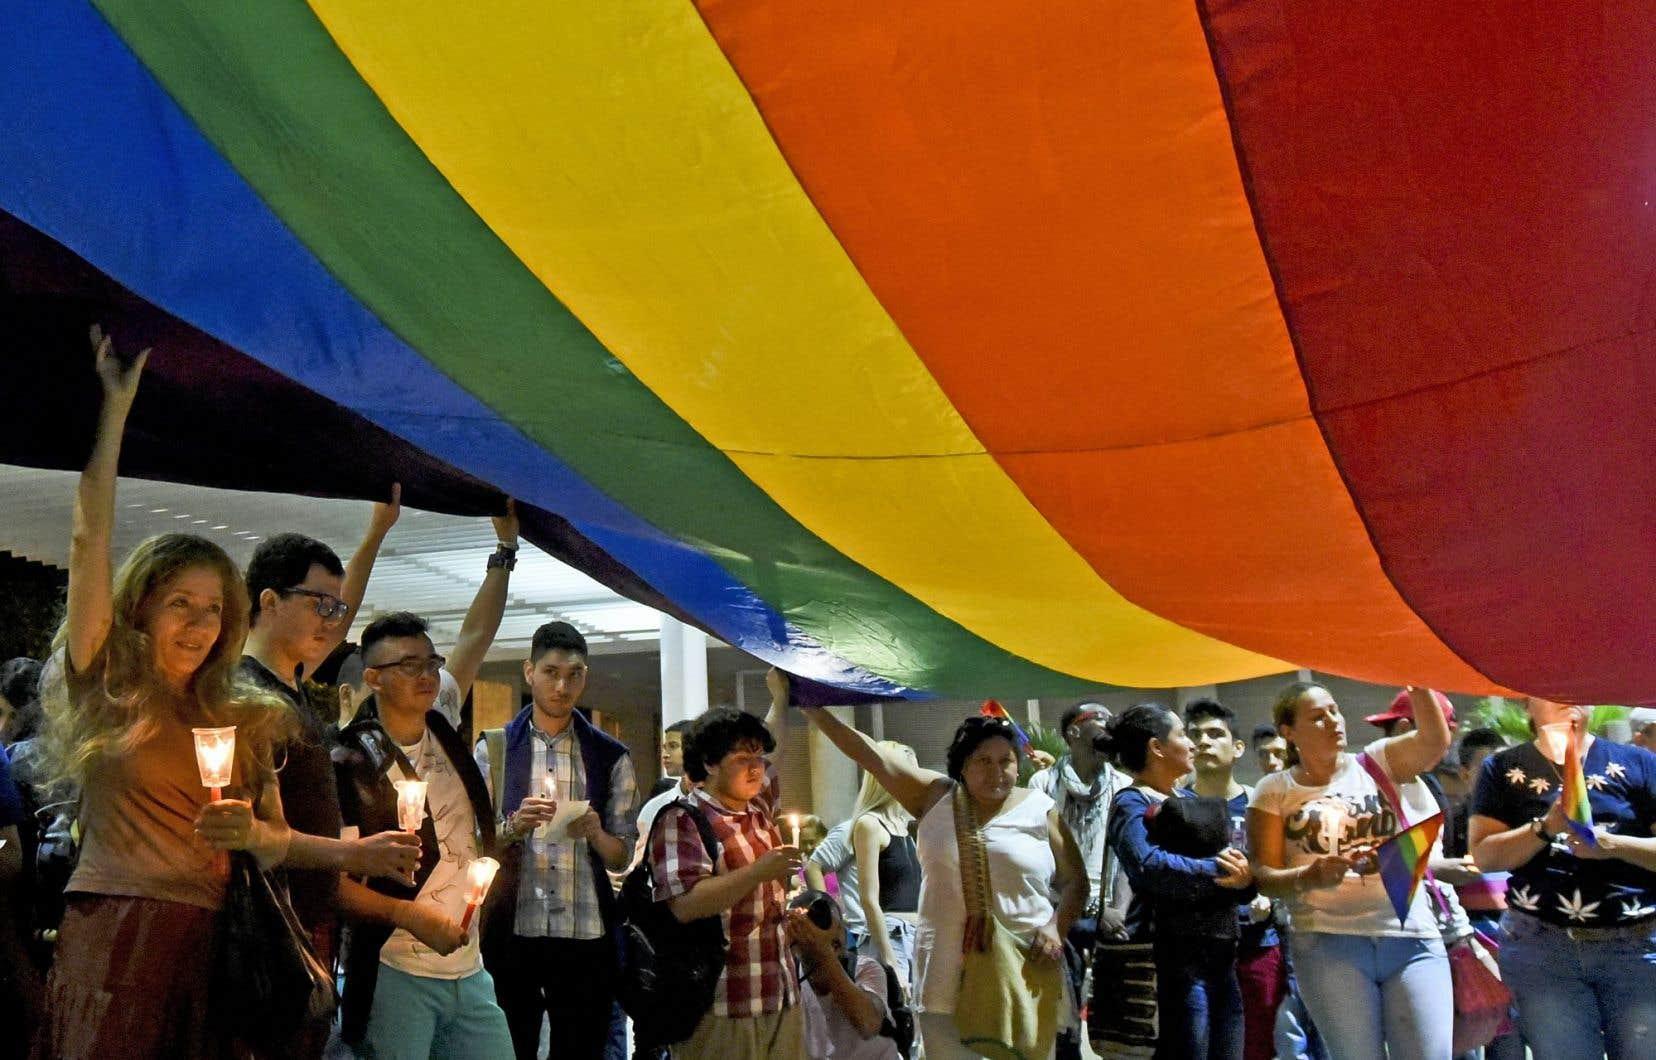 Des personnes s'étaient rassemblées pour une vigile à la mémoire des victimes de la tuerie du Pulse, mercredi, à Cali, en Colombie. Alors que les familles des disparus et la communauté LGBTQ sont profondément ébranlées par la violence de l'attaque homophobe, les appels au soutien se font beaucoup plus timides hors des cercles gais, trans et «queer».